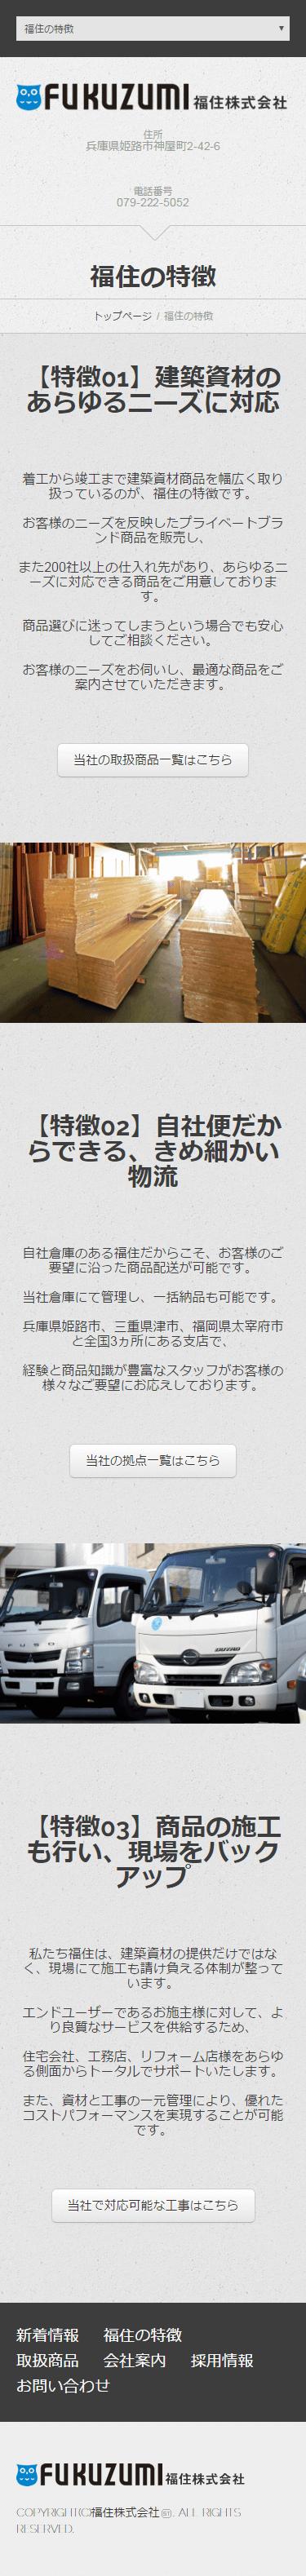 姫路市 福住株式会社様 ホームページ制作4